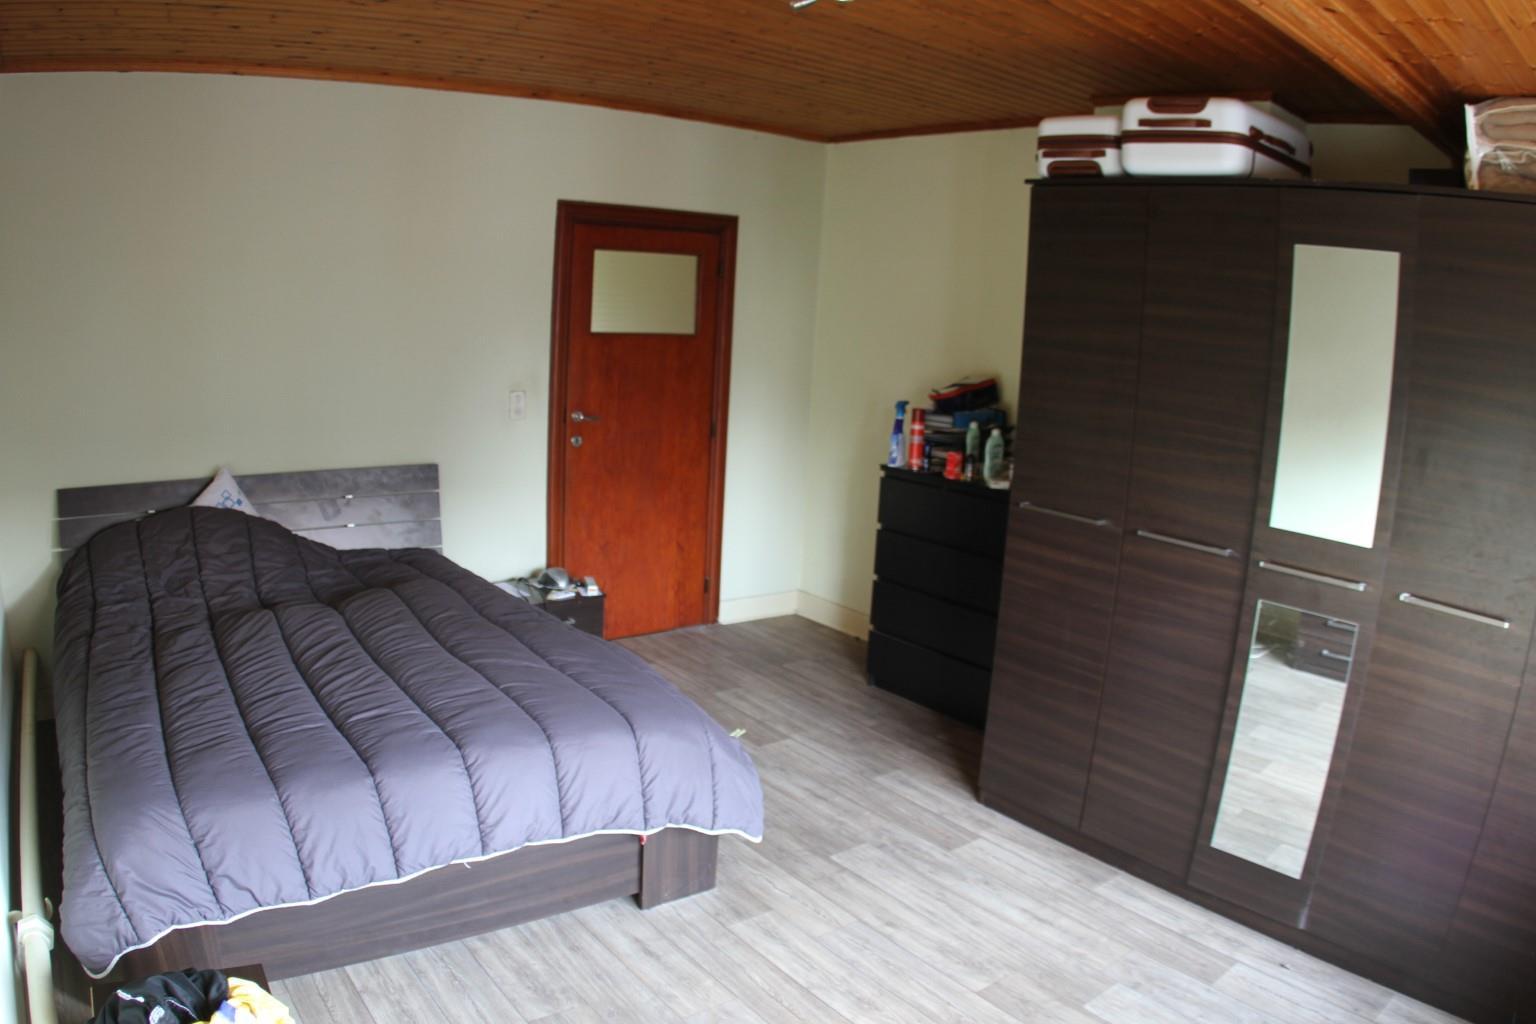 Bel-étage - Tubize - #2663760-2